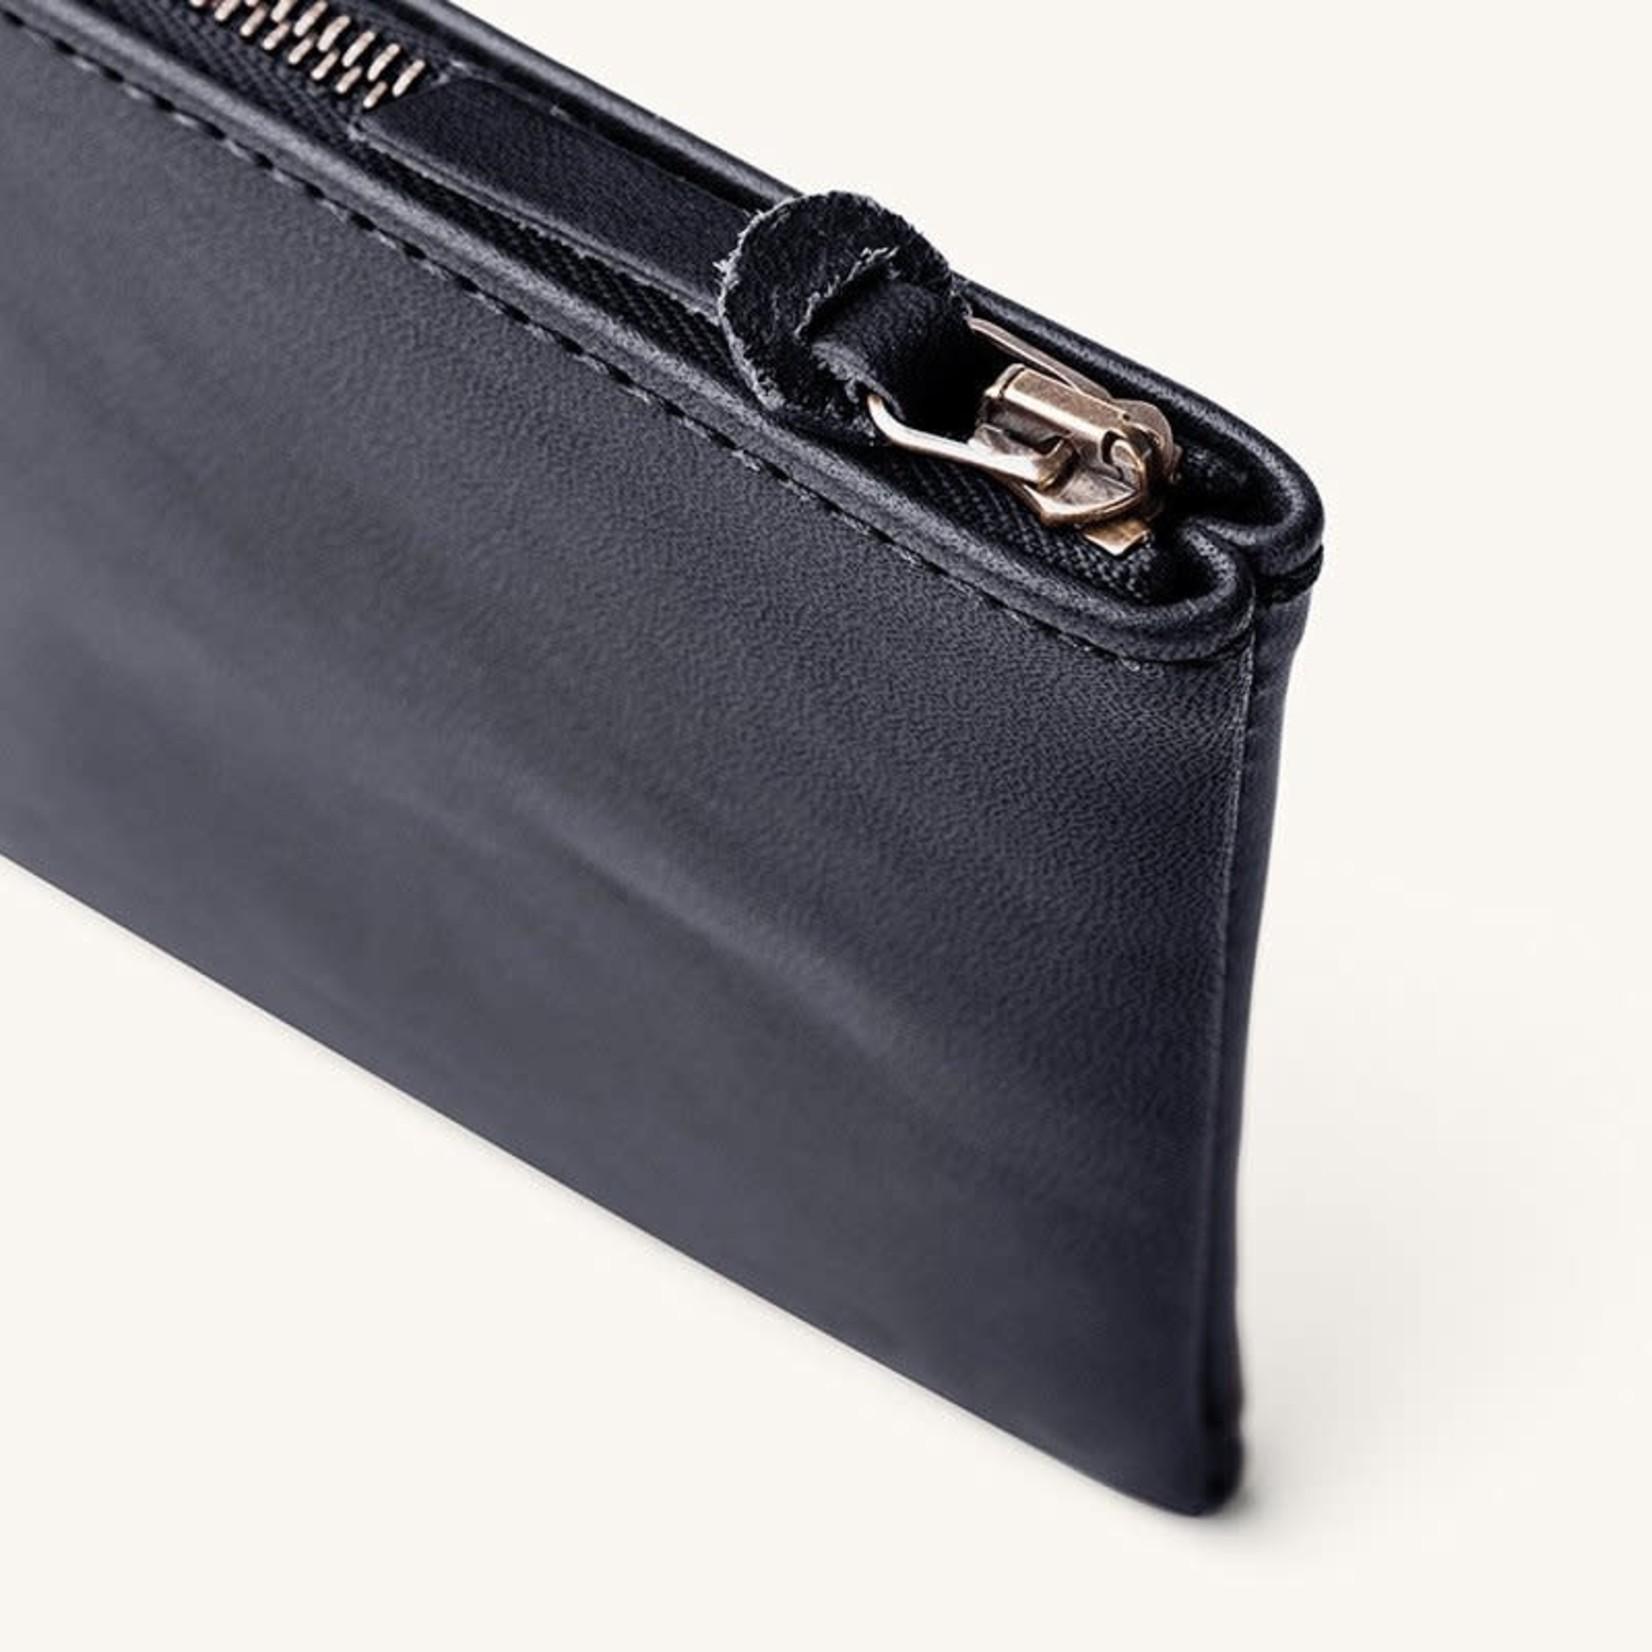 Tanner Goods Tanner Goods  Universal Zip Wallet Black